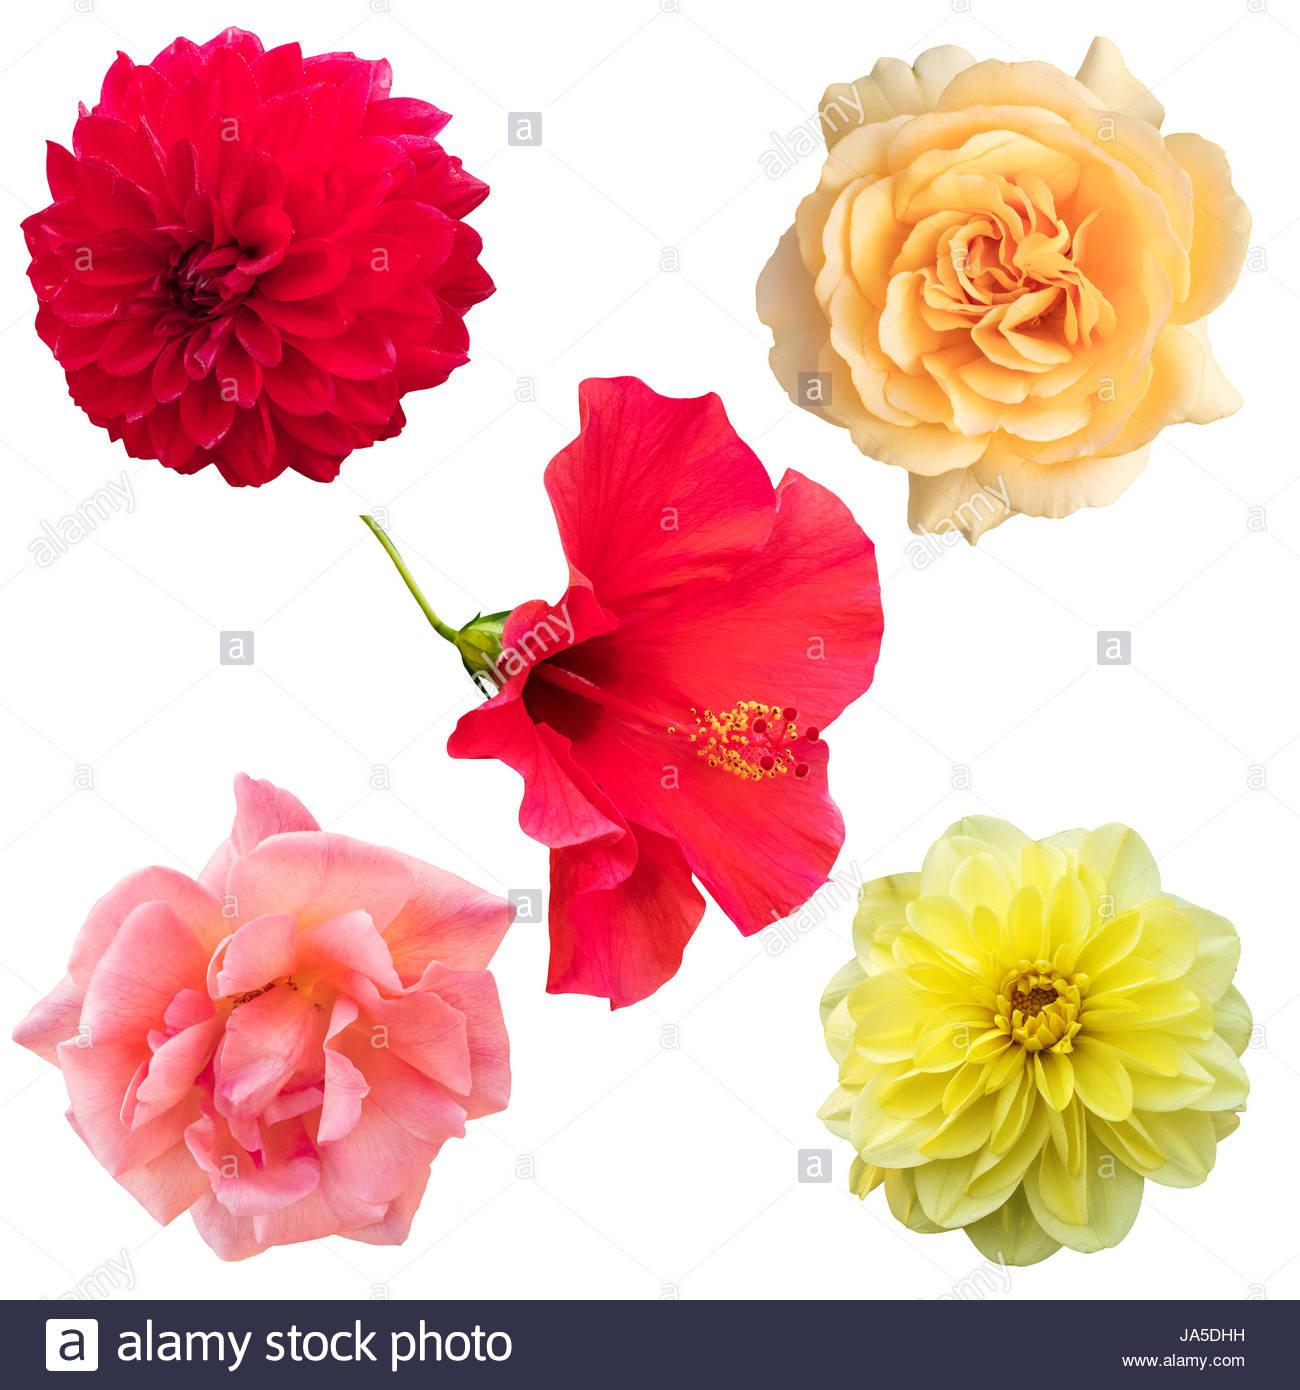 Un Ensemble De Fleurs Isolées. Photos De Découpe, Dahlias dedans Fleurs À Découper